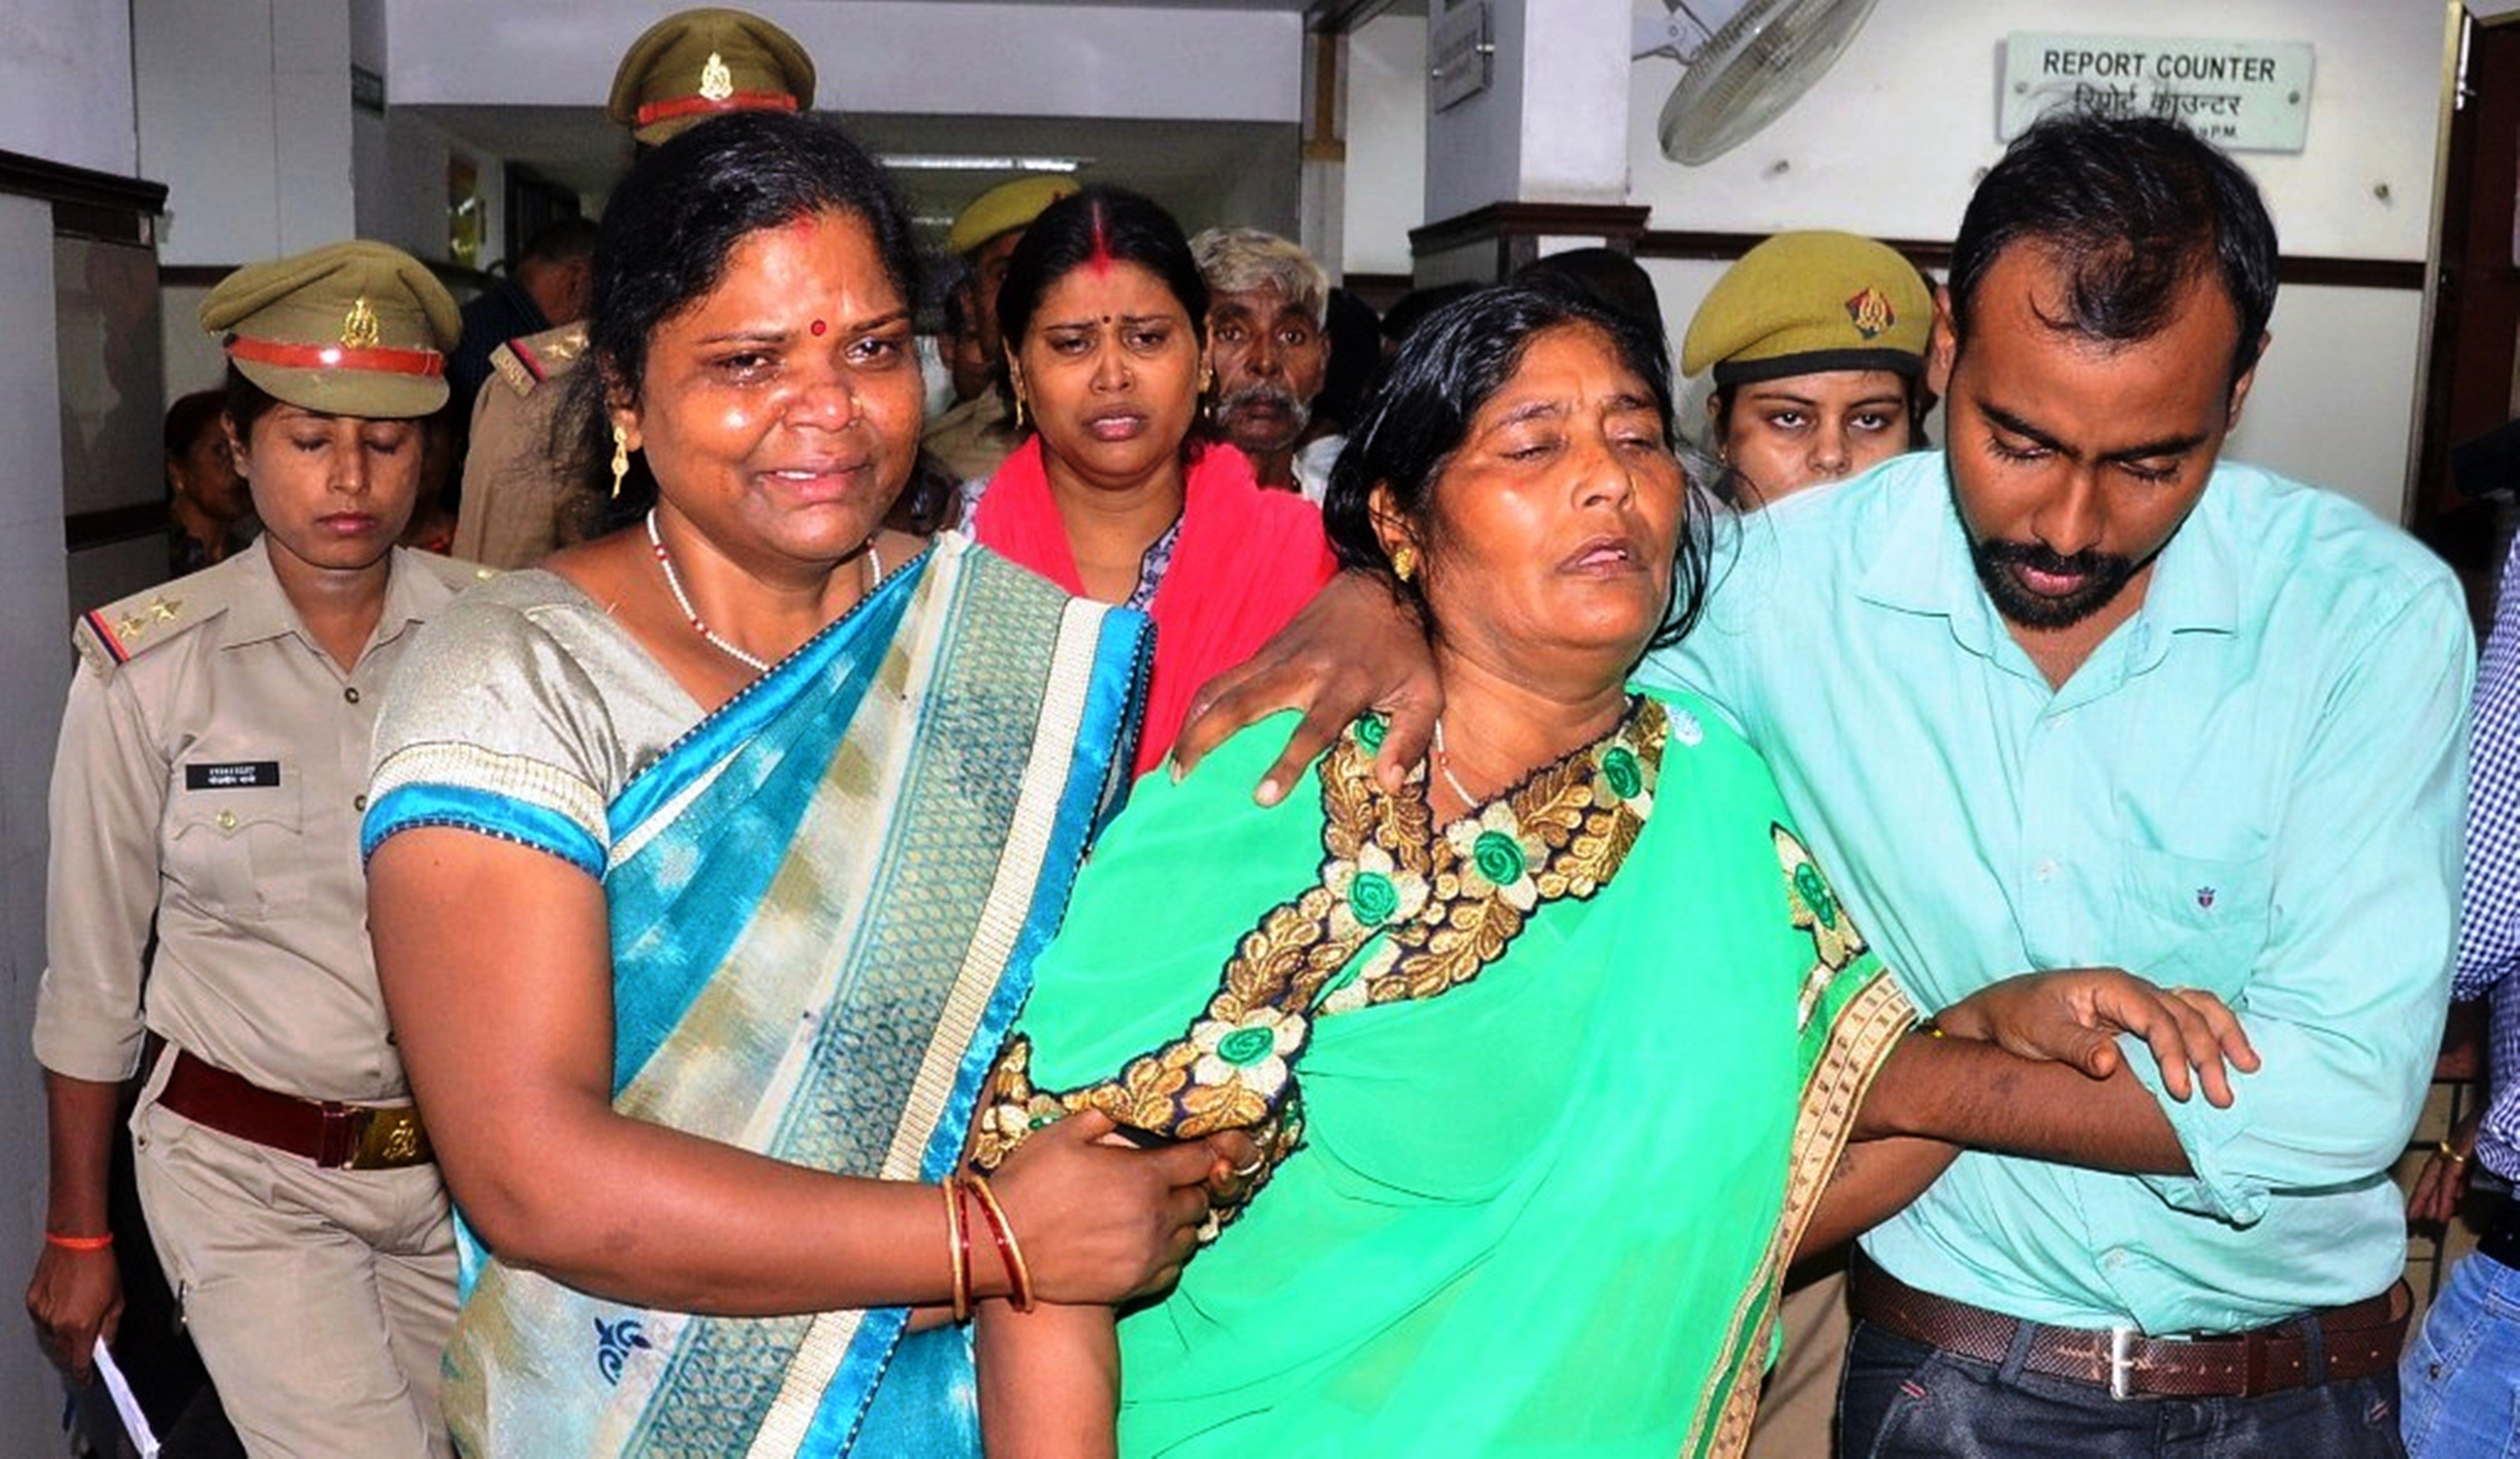 आईपीएस भाई सुरेंद्र की मौत का लूंगा बदला , रवीना के खिलाफ दर्ज करवाऊंगा मुकदमा